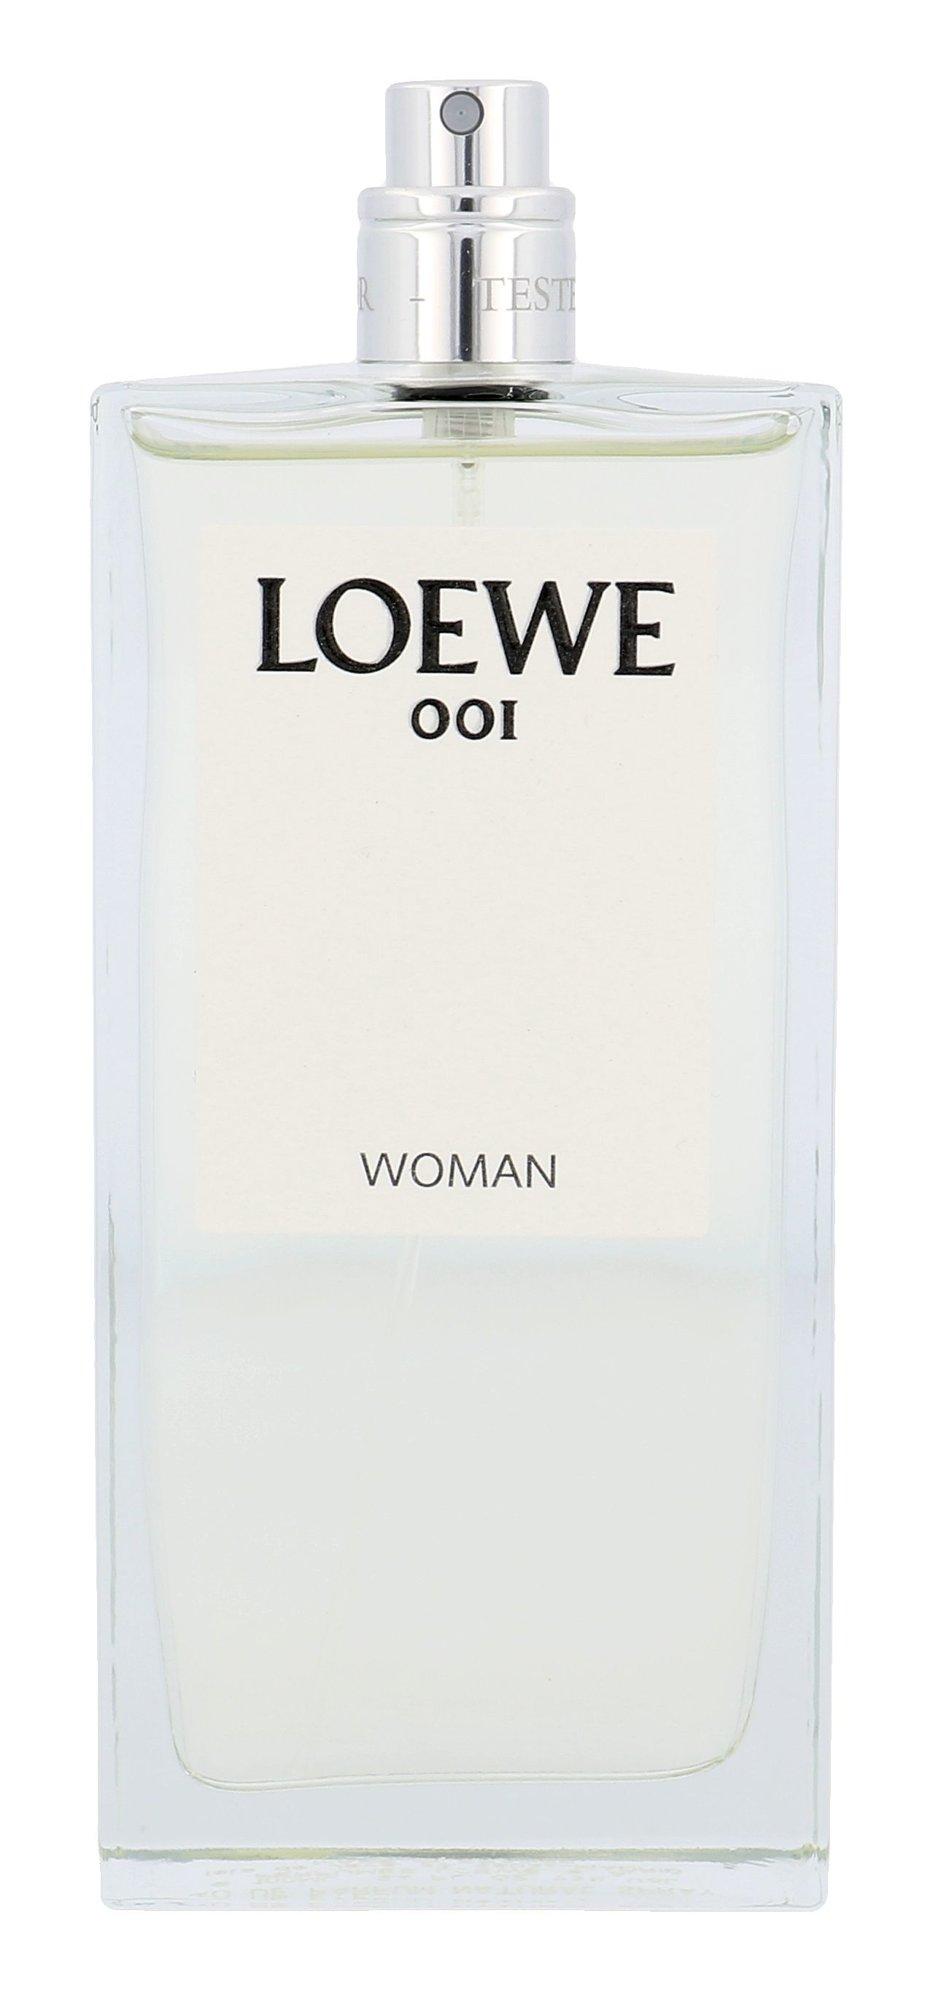 Loewe Loewe 001 EDT 100ml